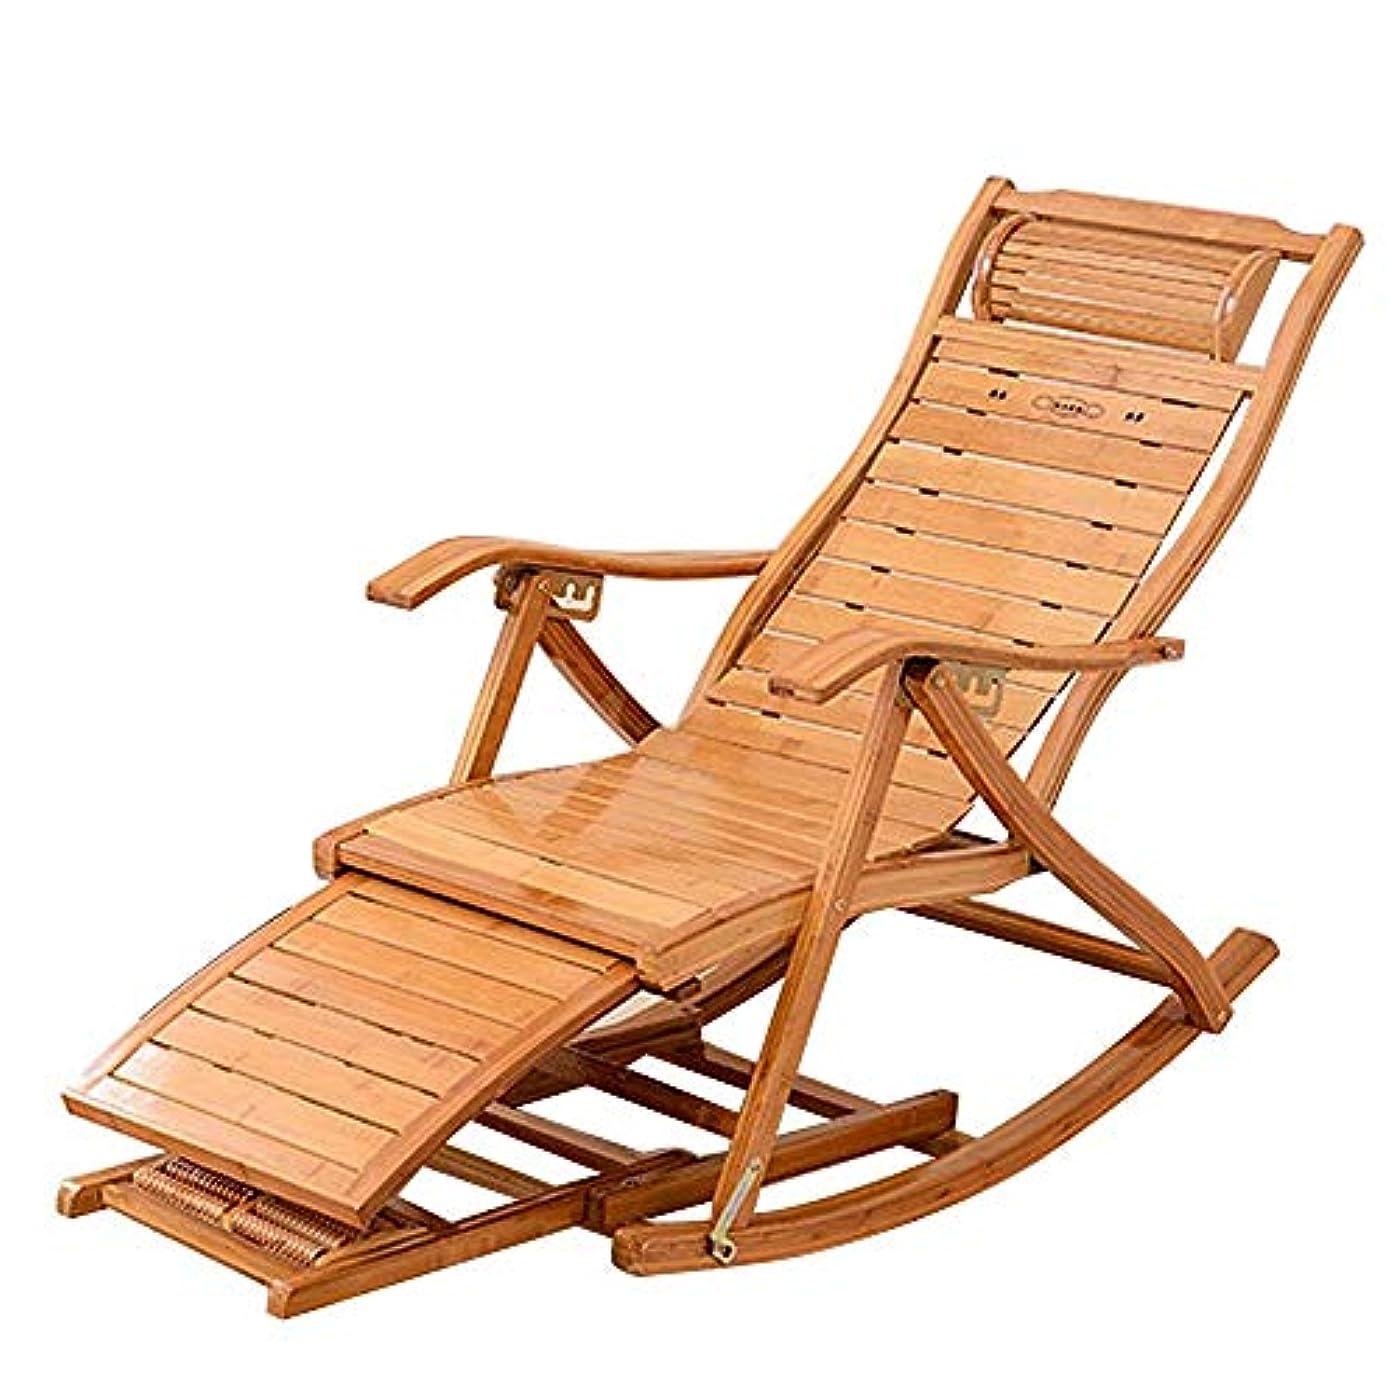 壮大ぼかす達成竹のデッキチェア、引き込み式のフットレストおよびマッサージのローラーが付いている携帯用大人の安楽椅子の庭のバルコニーのための老人の仮眠の椅子